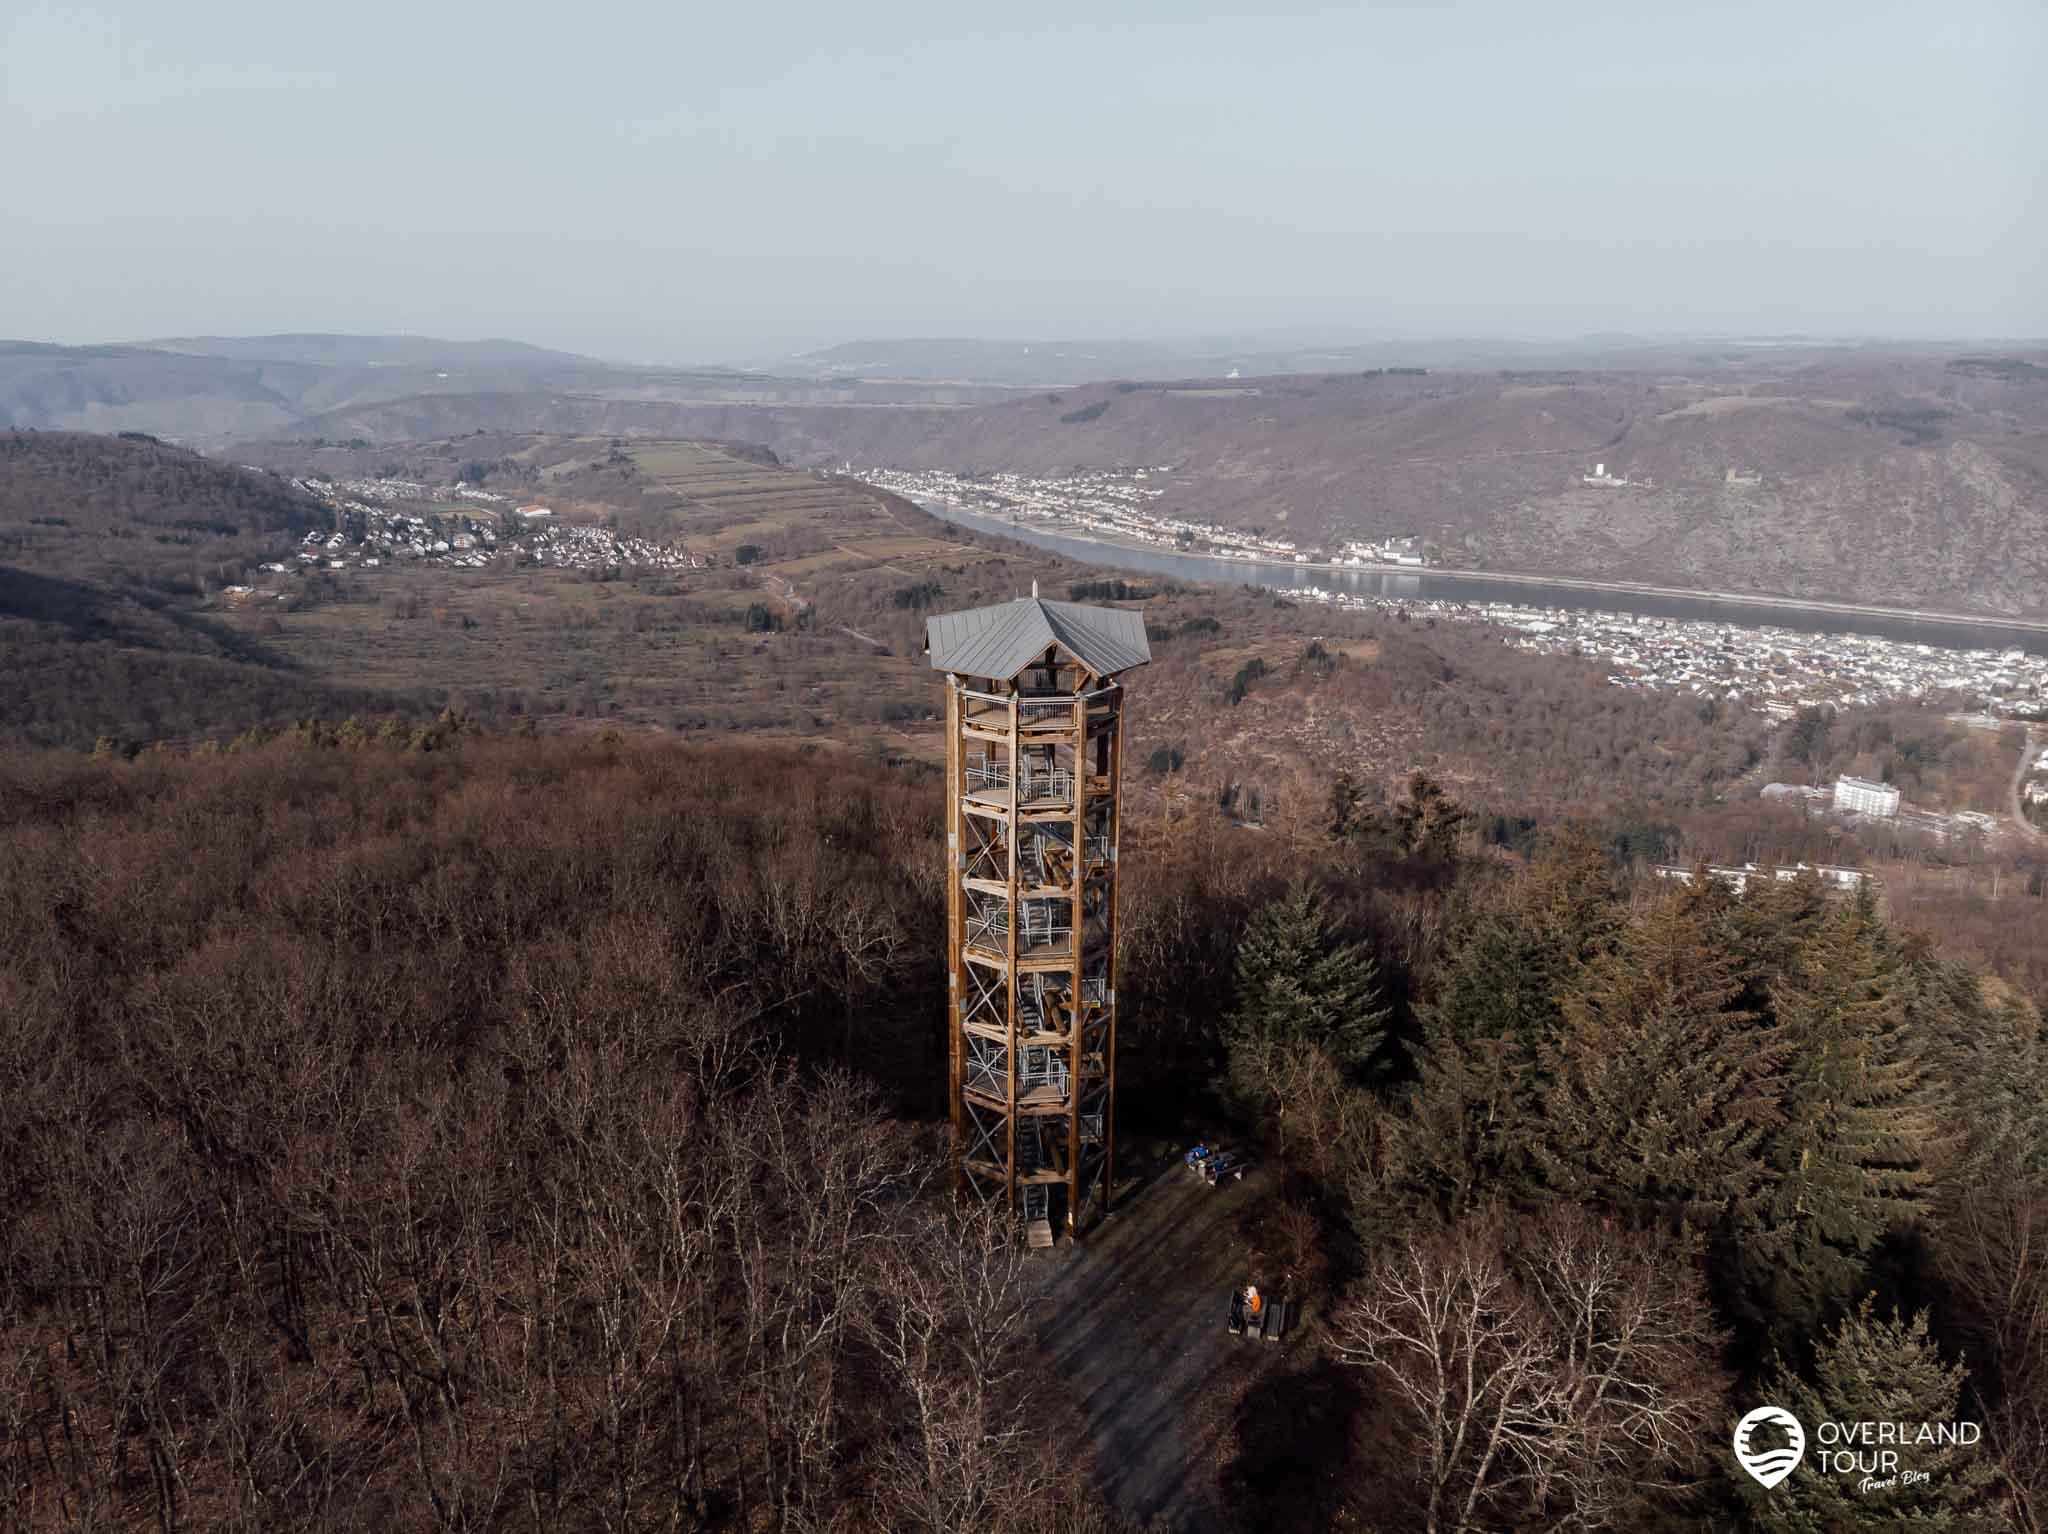 Wanderung Traumschleife Fünfseenblick: Der Aussichtsturm Fünfseenblick - Die Hauptattraktion bei Kilometer 7,7